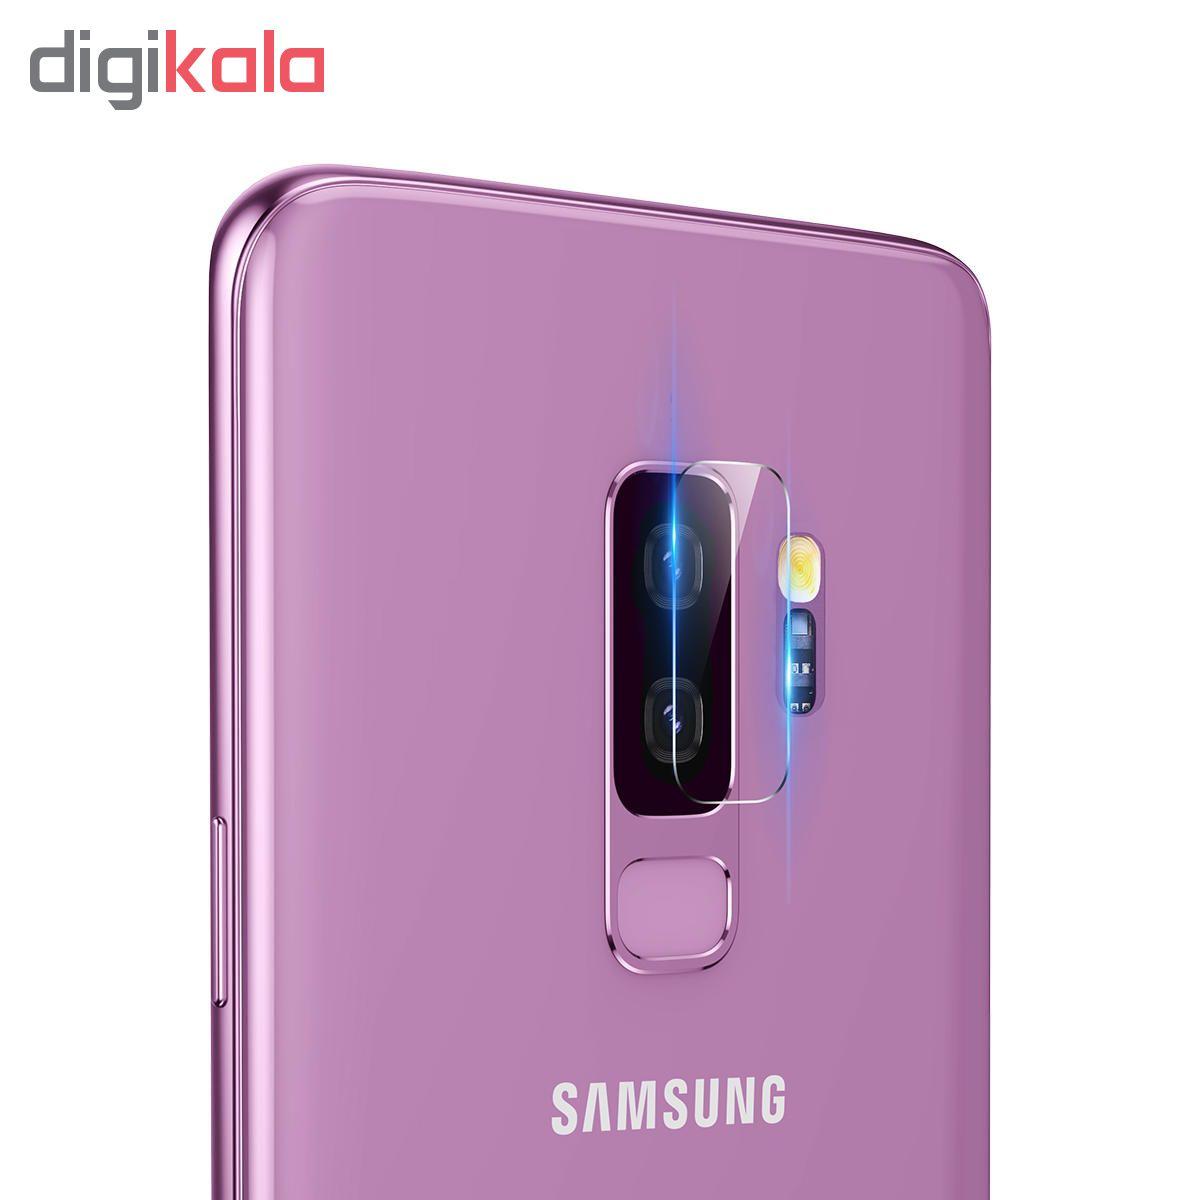 محافظ صفحه نمایش اسپایدر مدل Super Hard 5D مناسب برای گوشی سامسونگ galaxy S9 Plus به همراه محافظ لنز دوربین main 1 6